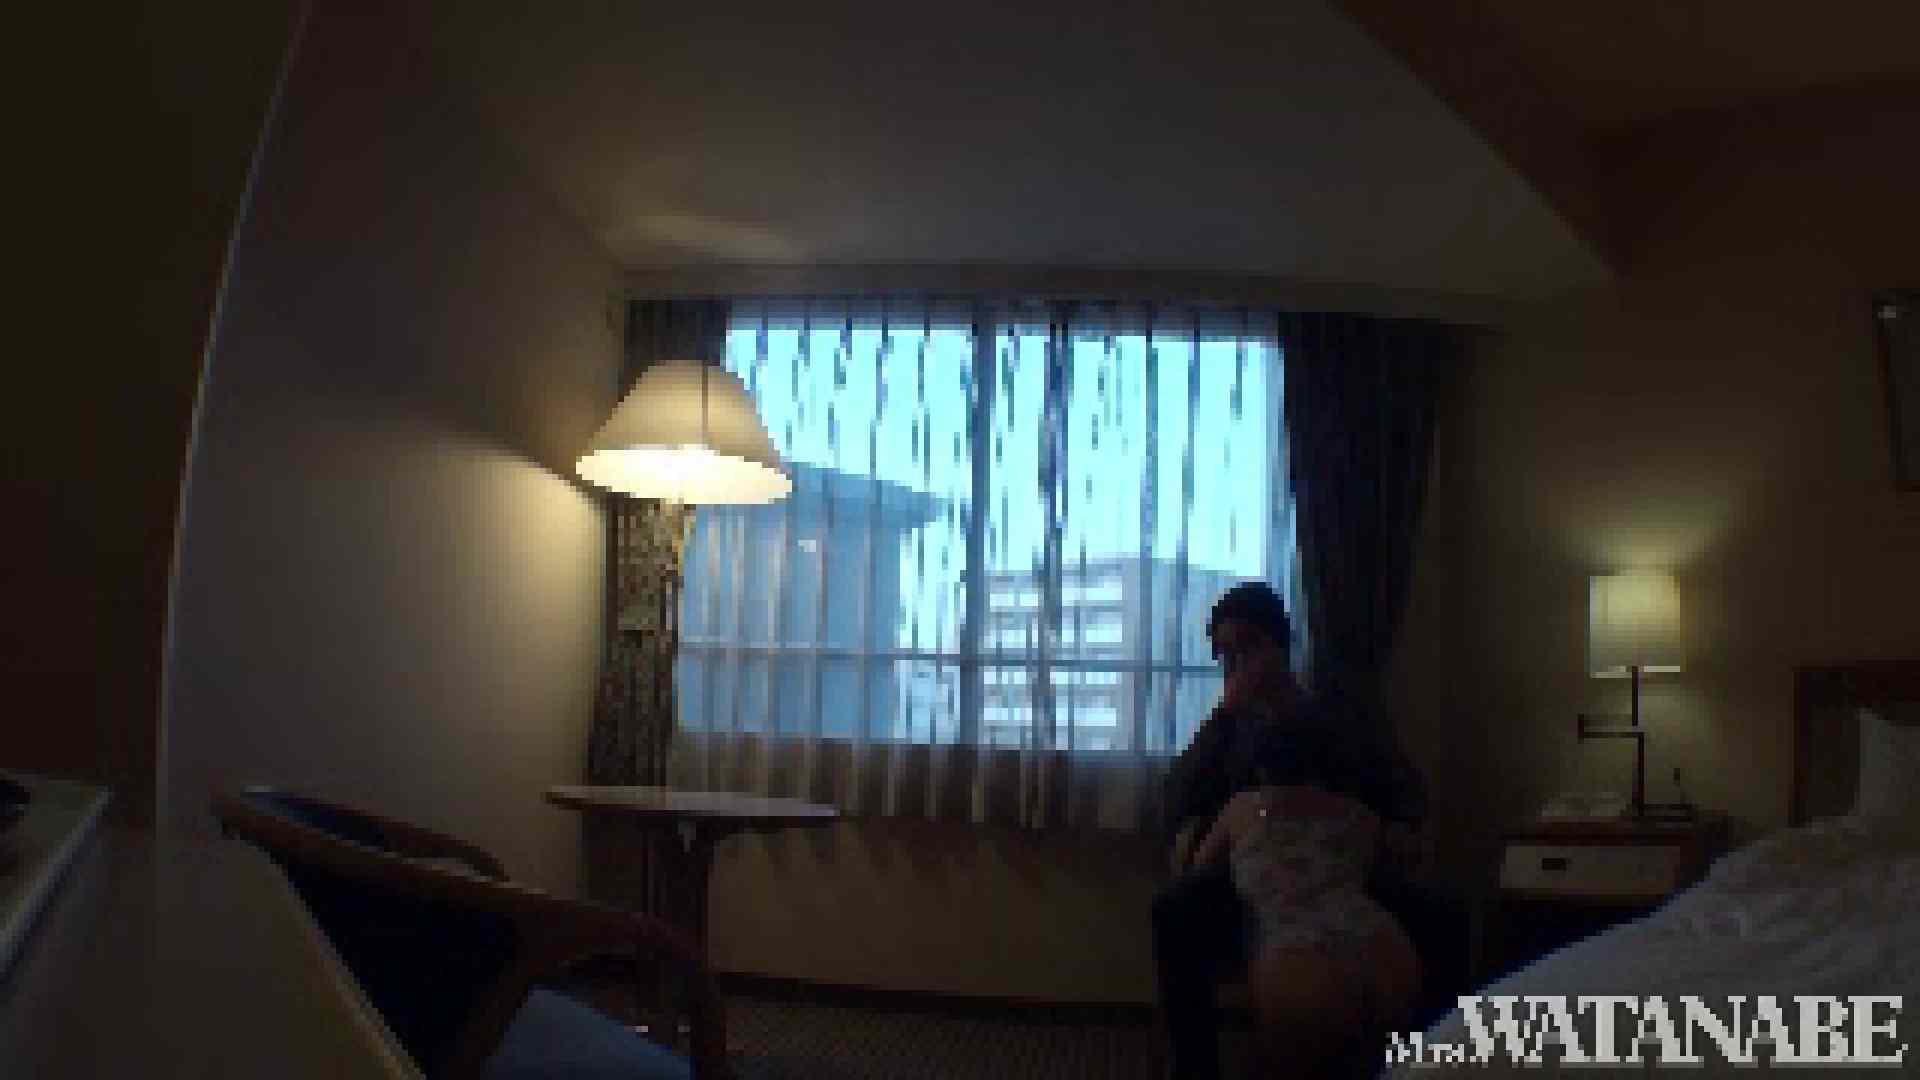 撮影スタッフを誘惑する痴熟女 かおり40歳 Vol.03 OLのエッチ  93pic 8